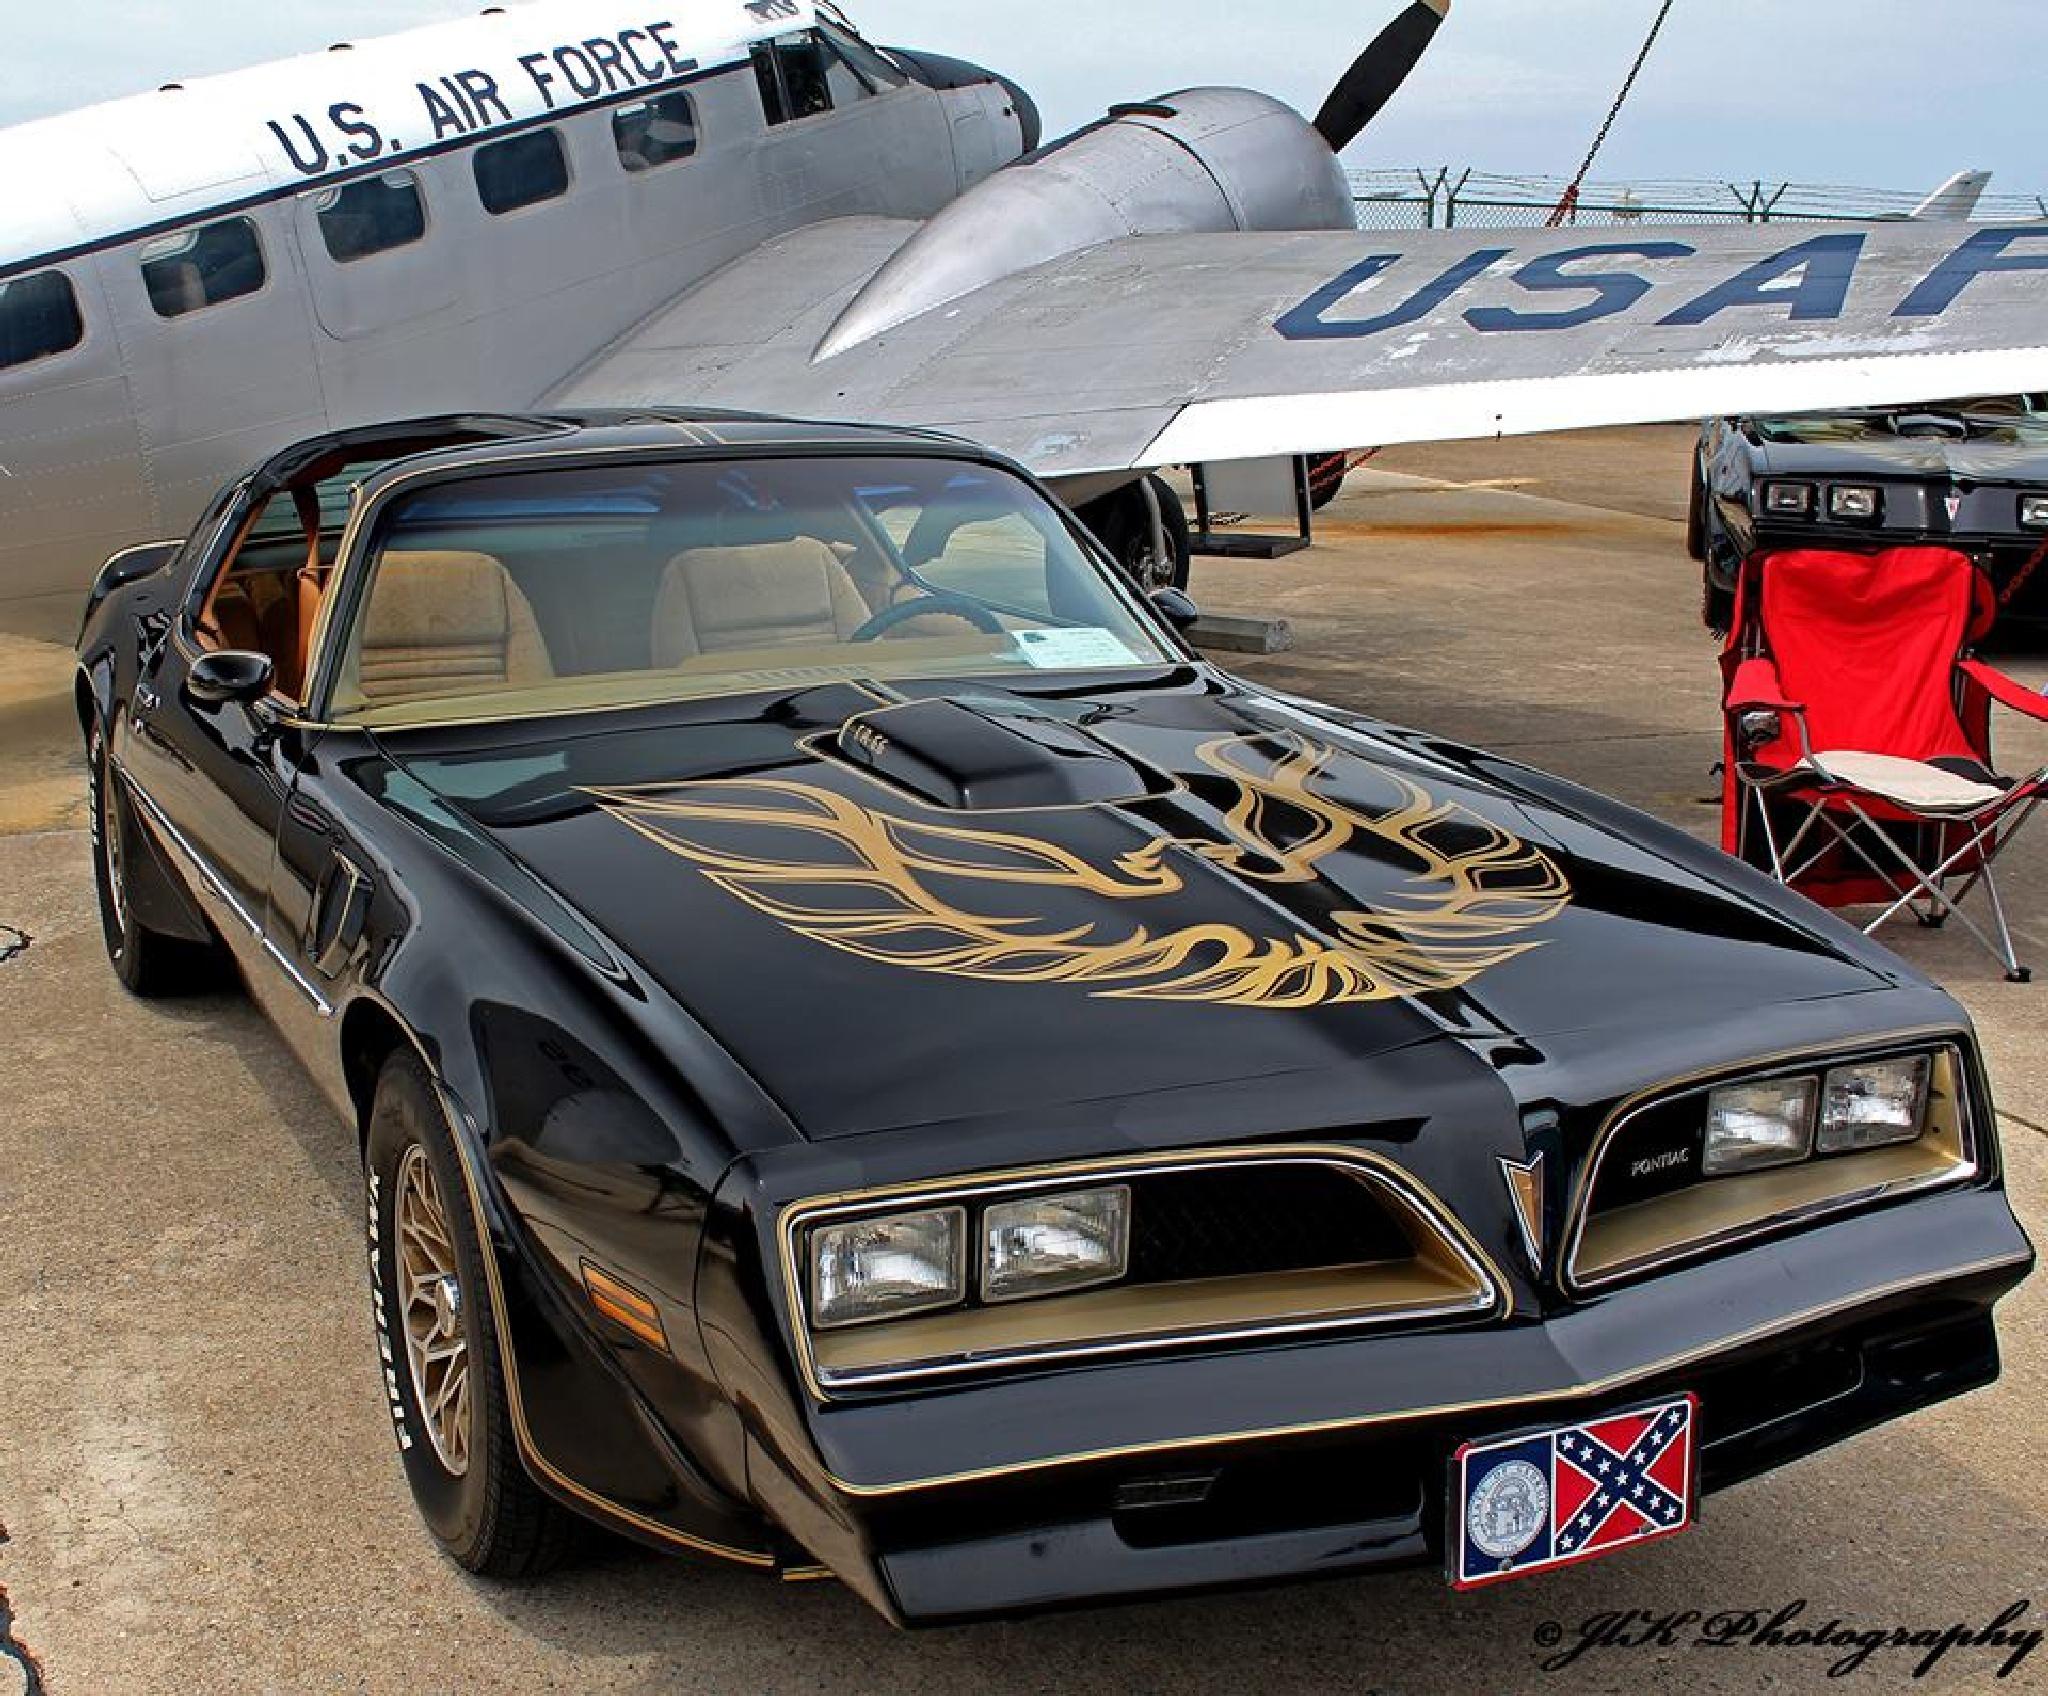 Wings N Wheels Car and Airplane Show by Jeffrey Lee Kreider